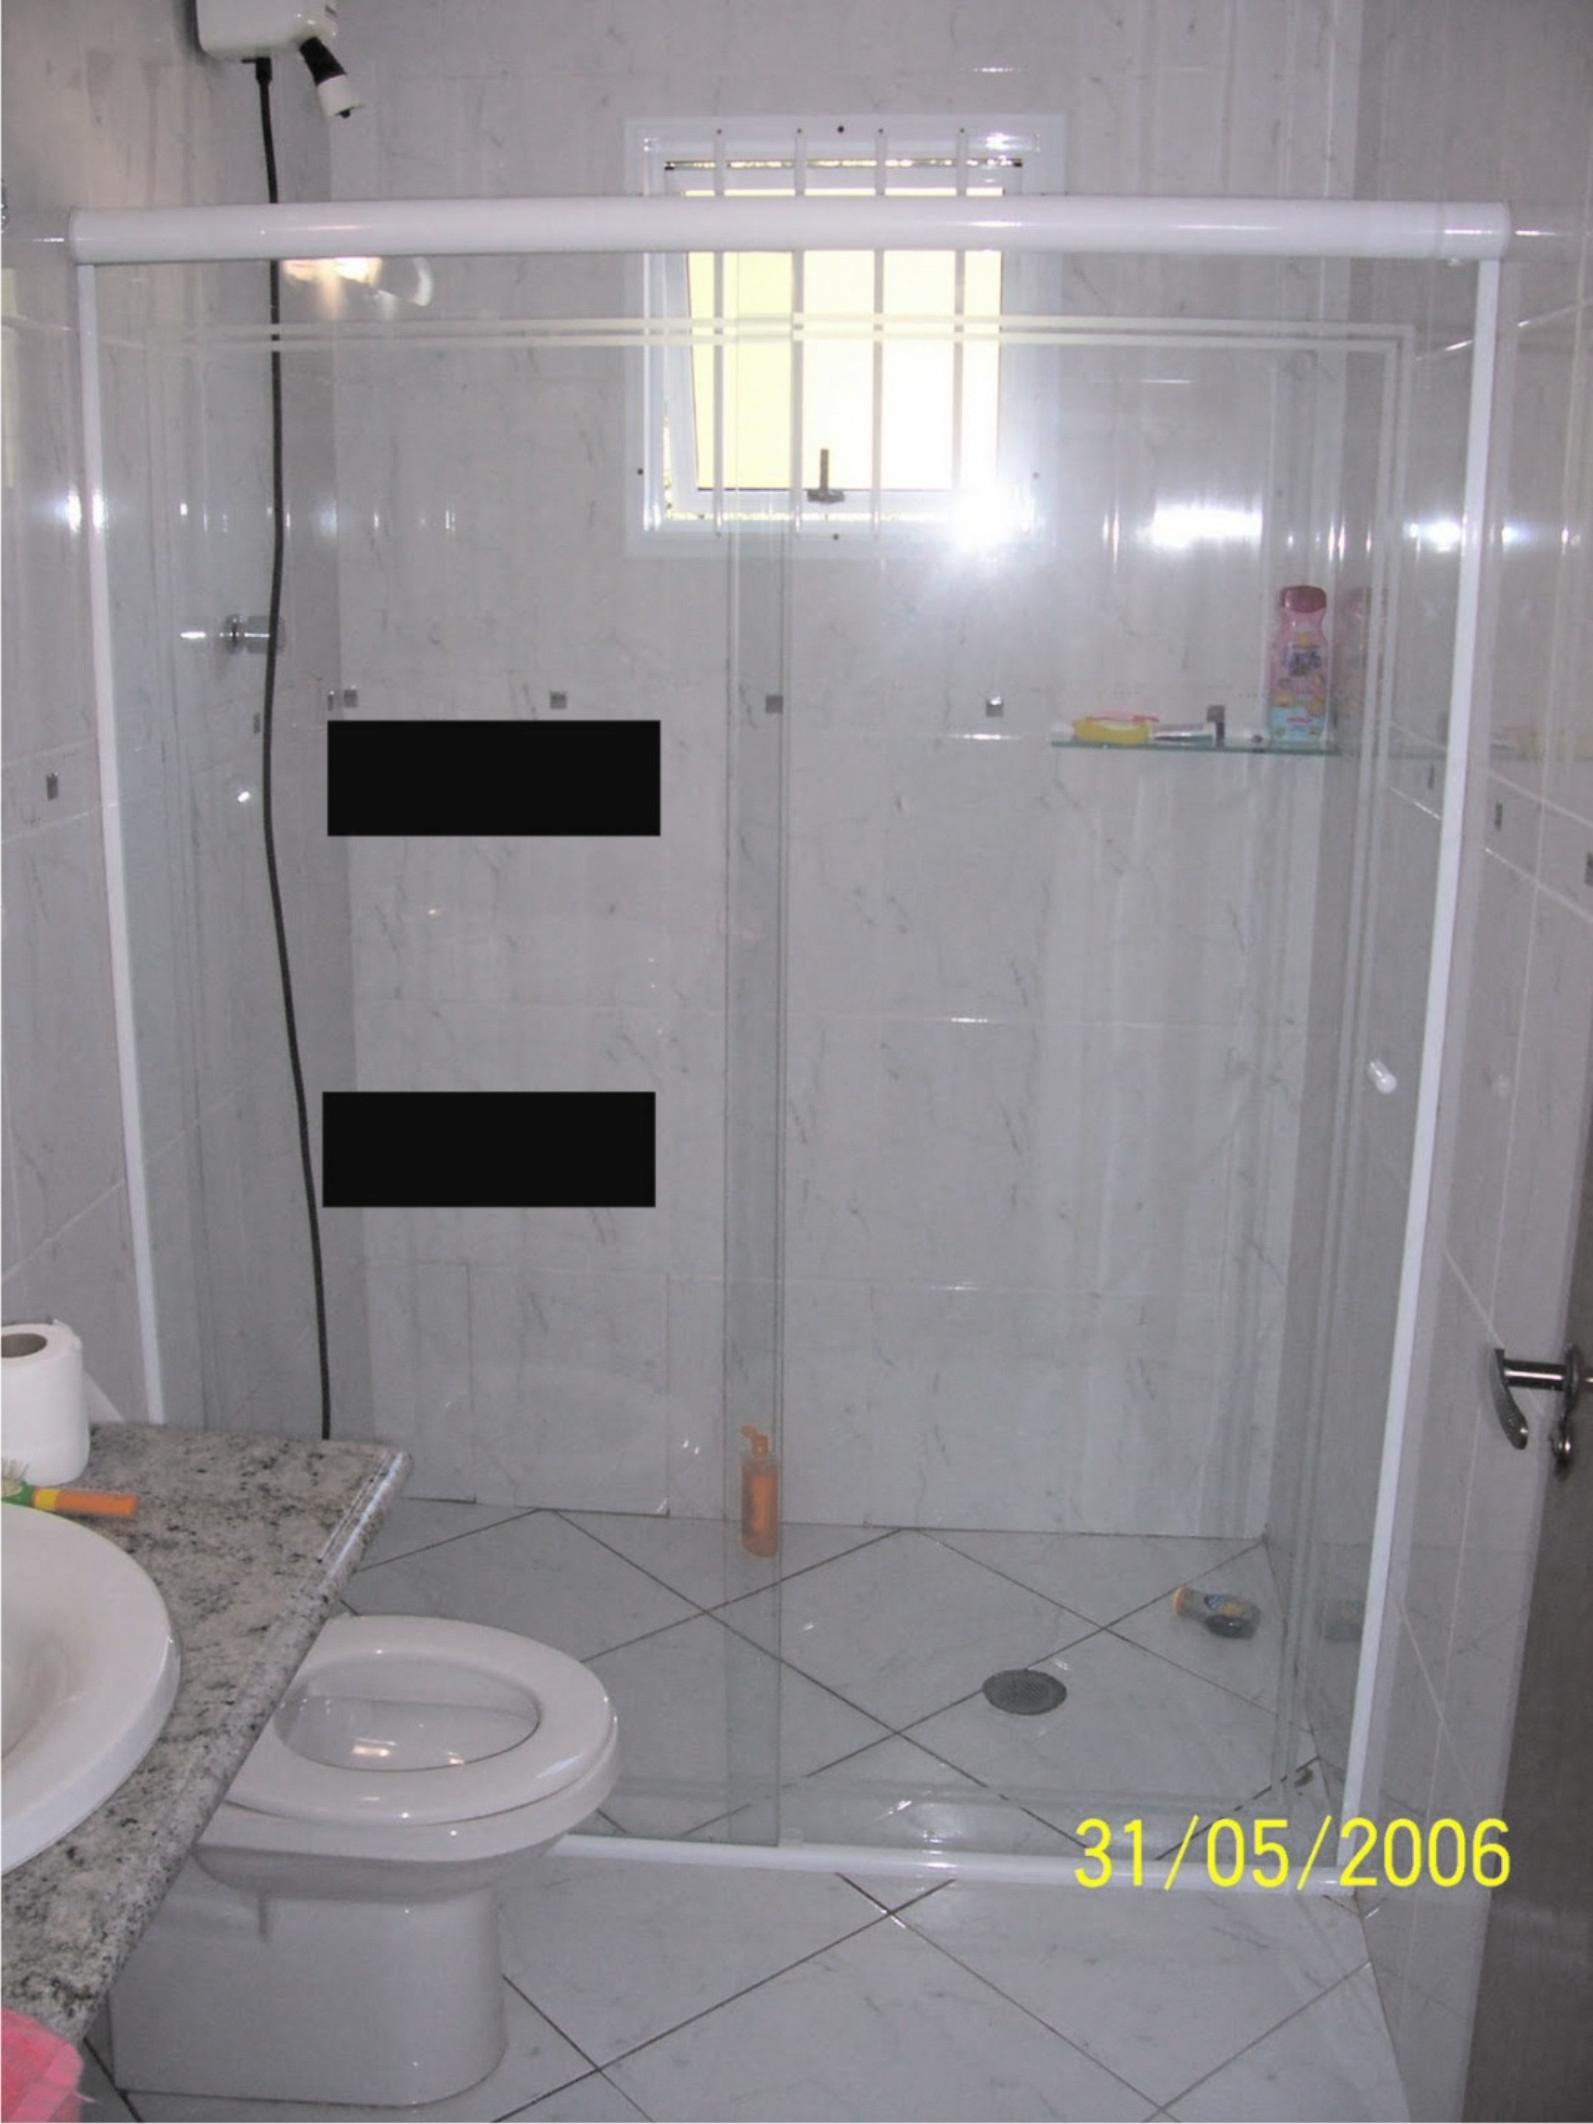 Adesivo Para Box Banheiro Faixa Preta Adesivo Para Box Banheiro Car #BAAC11 1593x2124 Adesivo Box Banheiro Curitiba